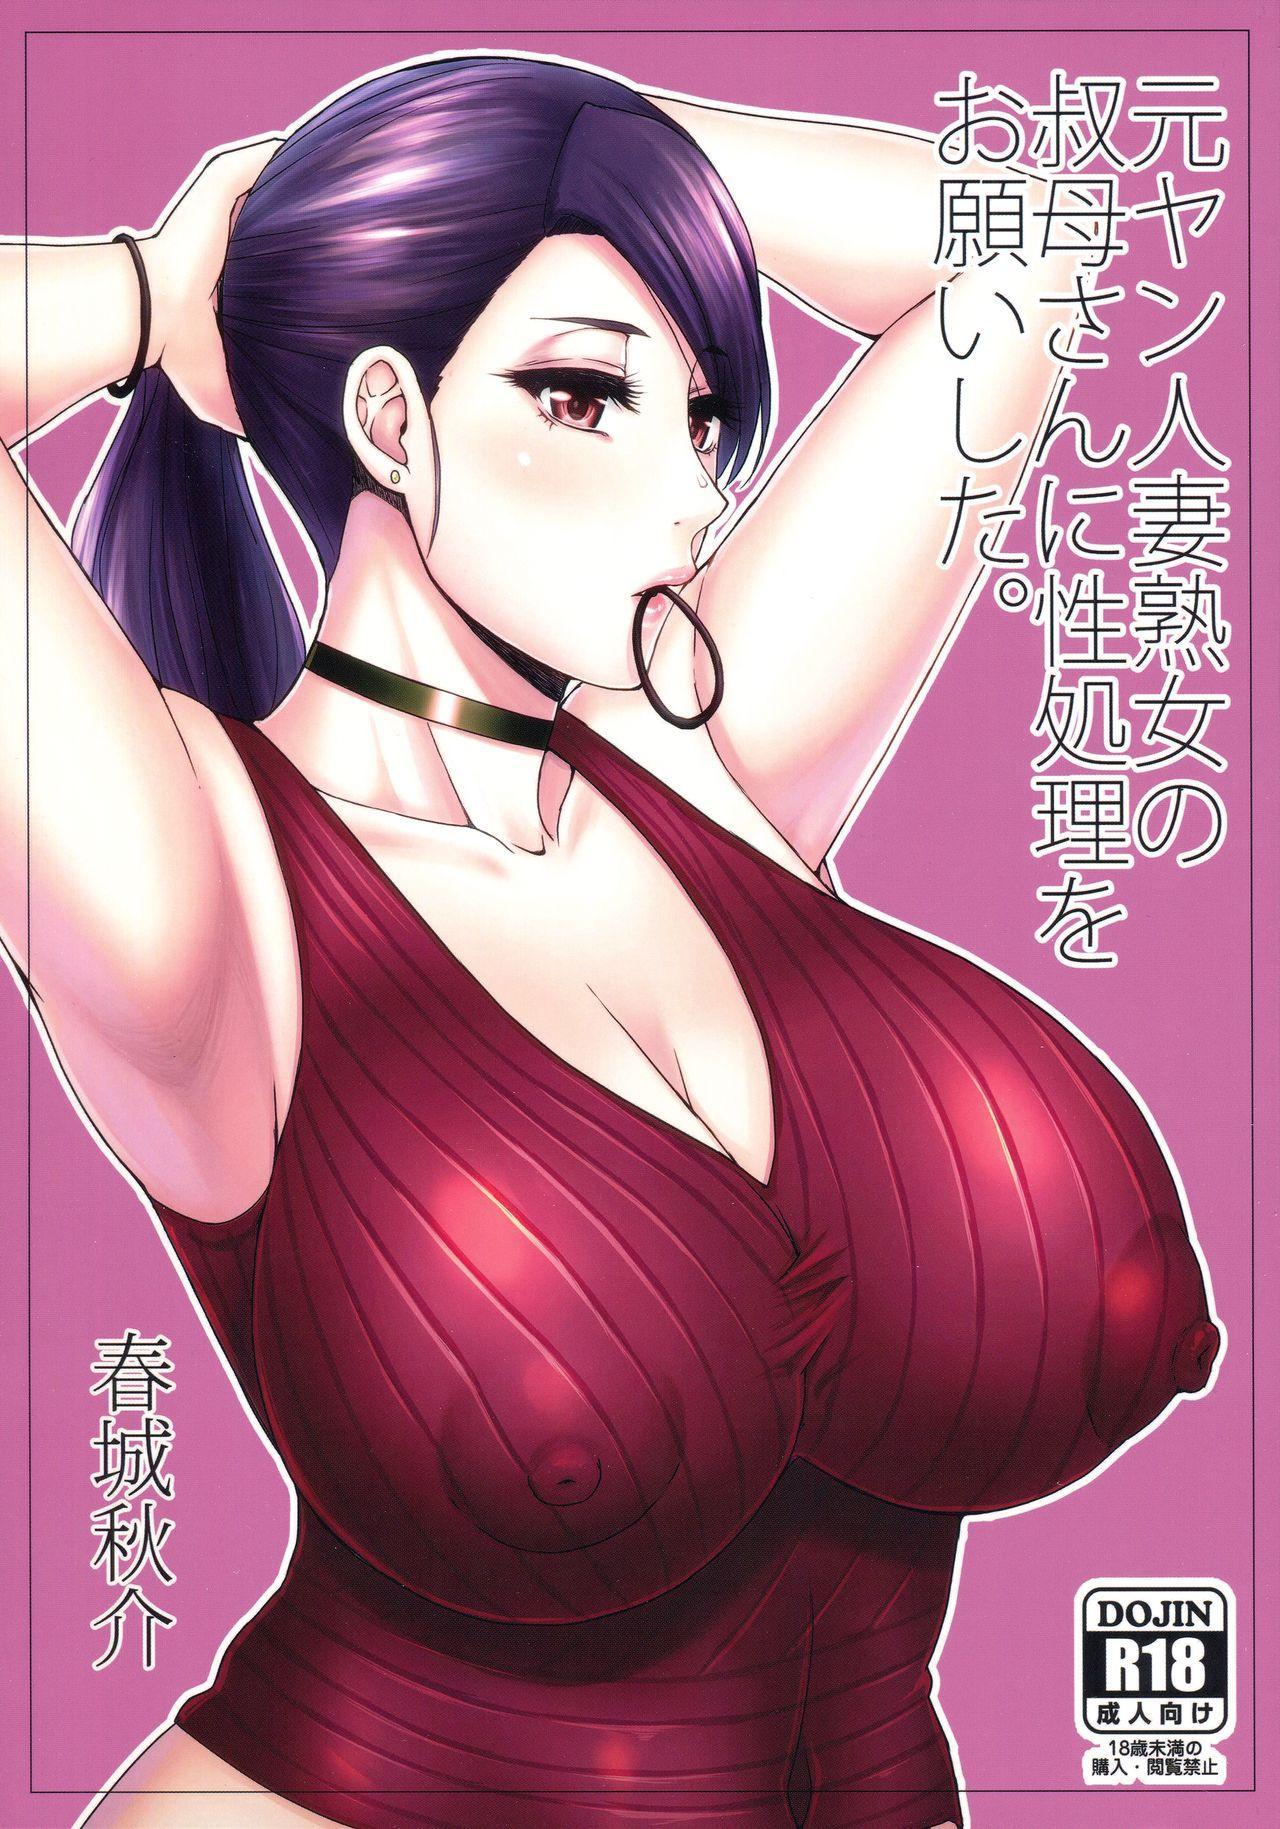 Motoyan Hitozuma Jukujo no Oba-san ni Seishori o Onegai shita. 0